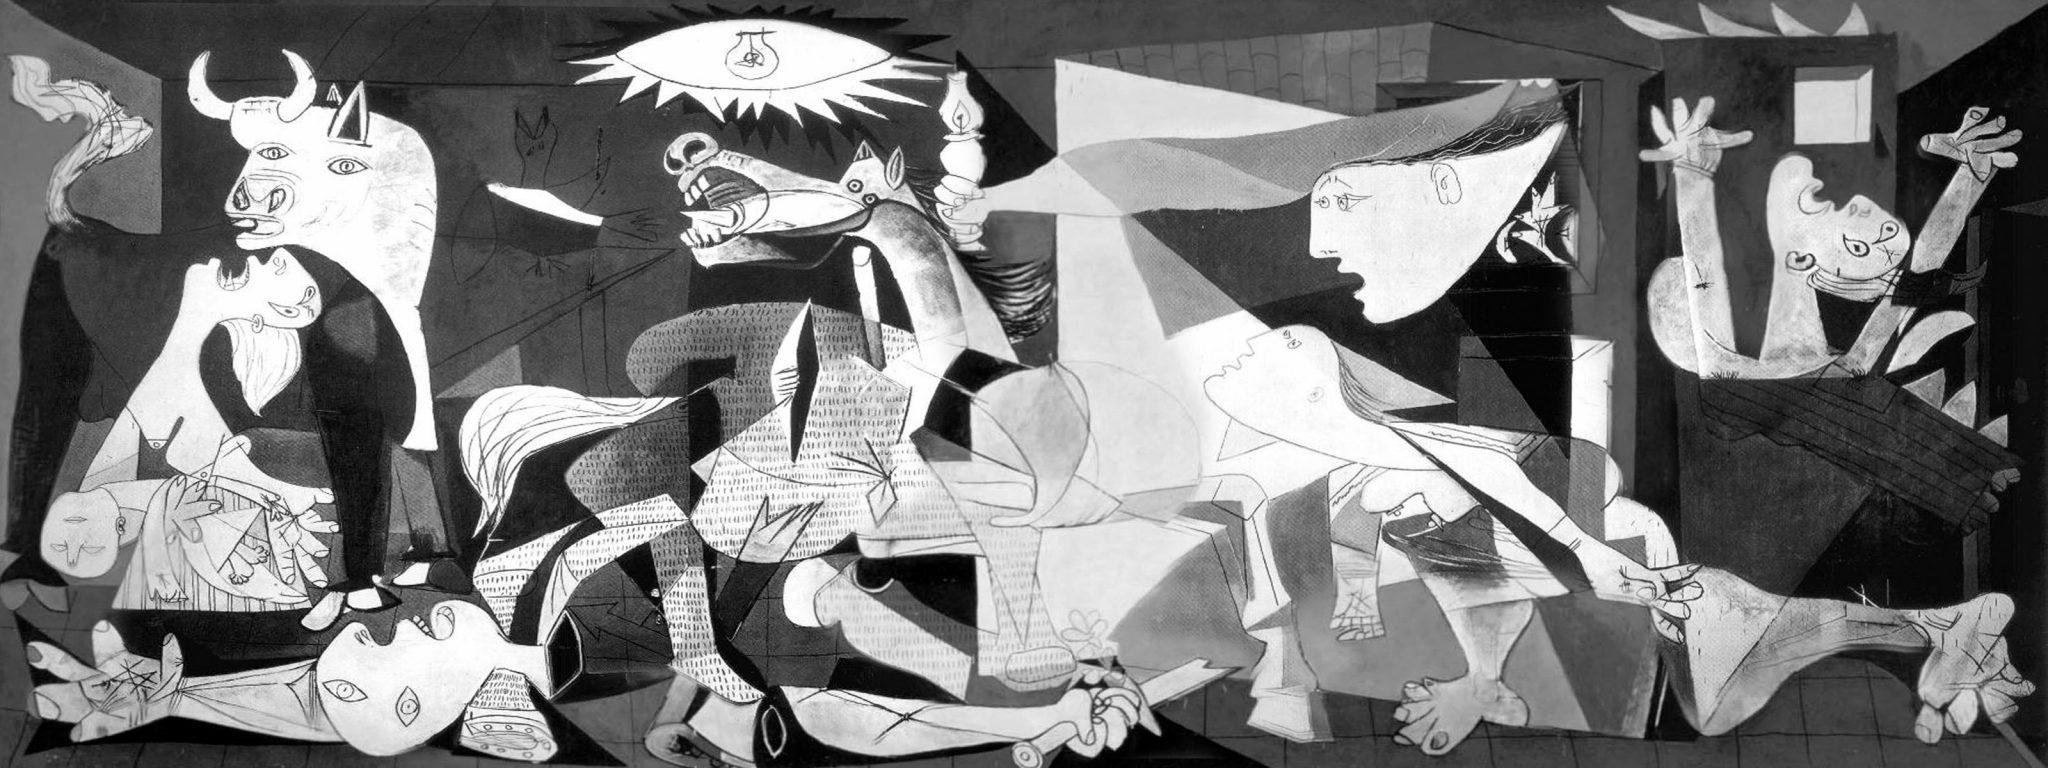 Pietà e terrore in Picasso. Proposte di viaggio a Madrid per visitare la mostra